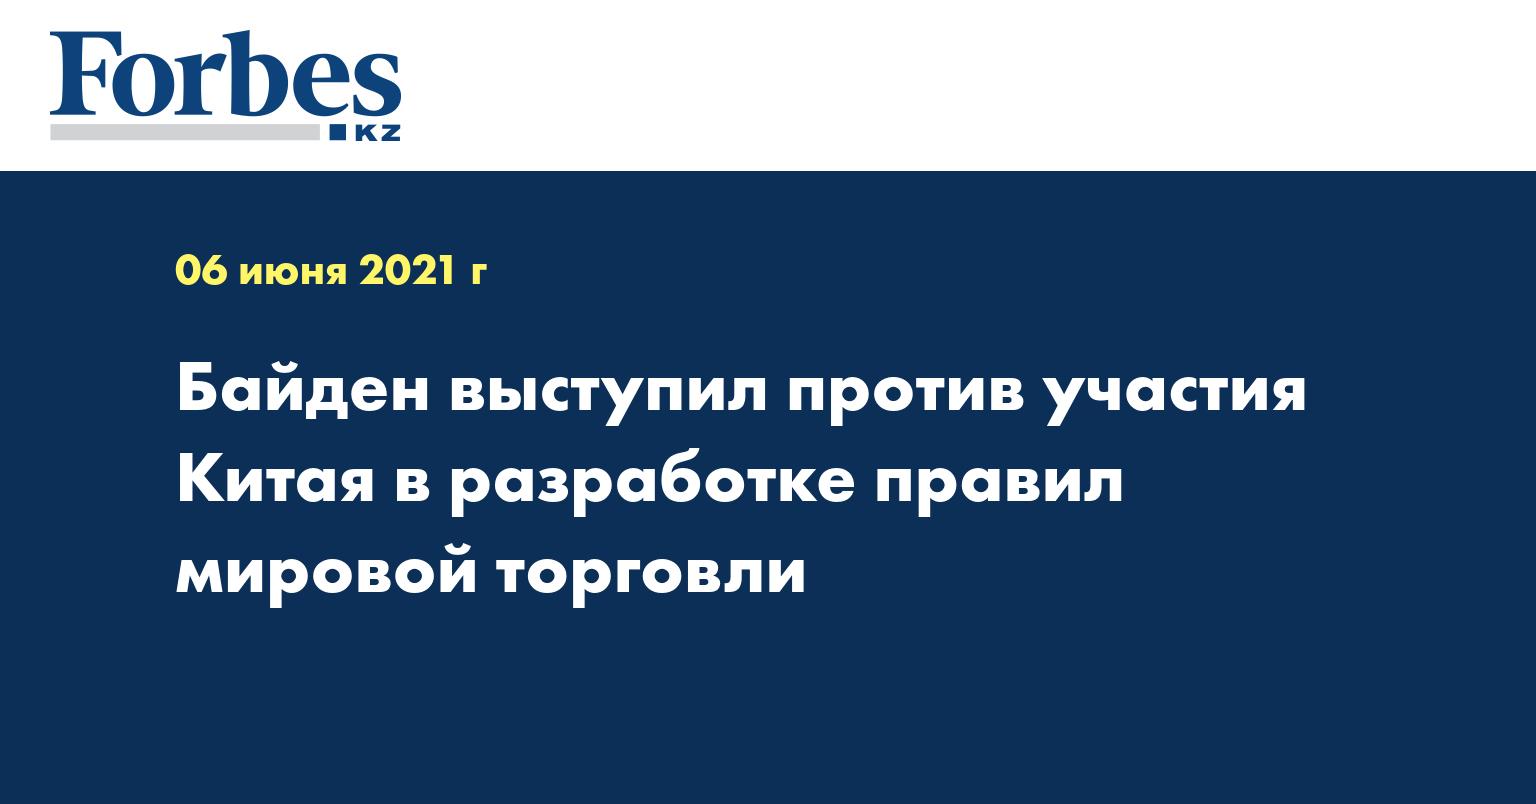 Байден выступил против участия Китая в разработке правил мировой торговли